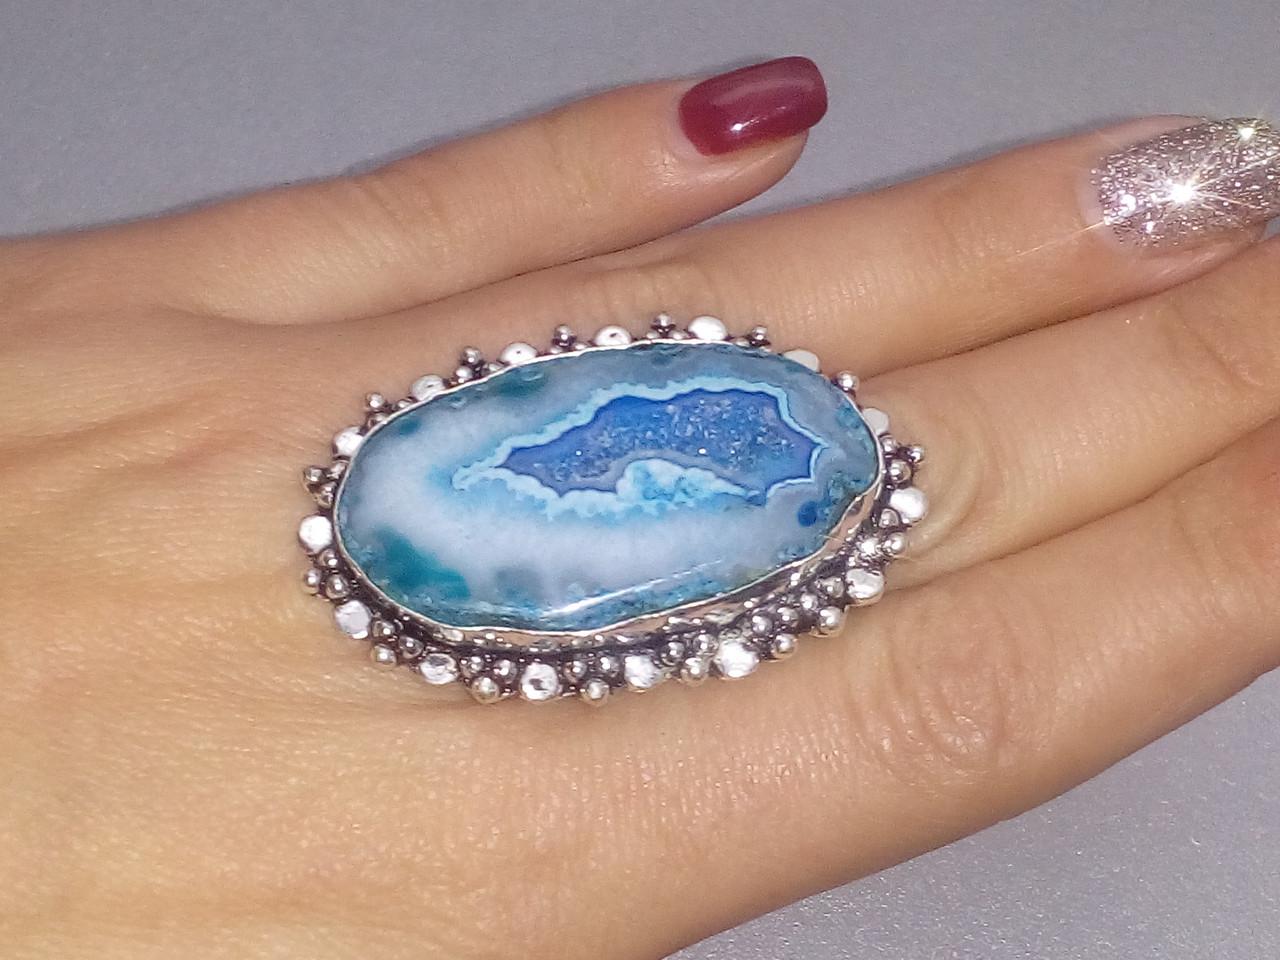 Натуральная жеода агата кольцо с натуральным камнем жеода агата в серебре. Кольцо с агатом 18,5-19 Индия